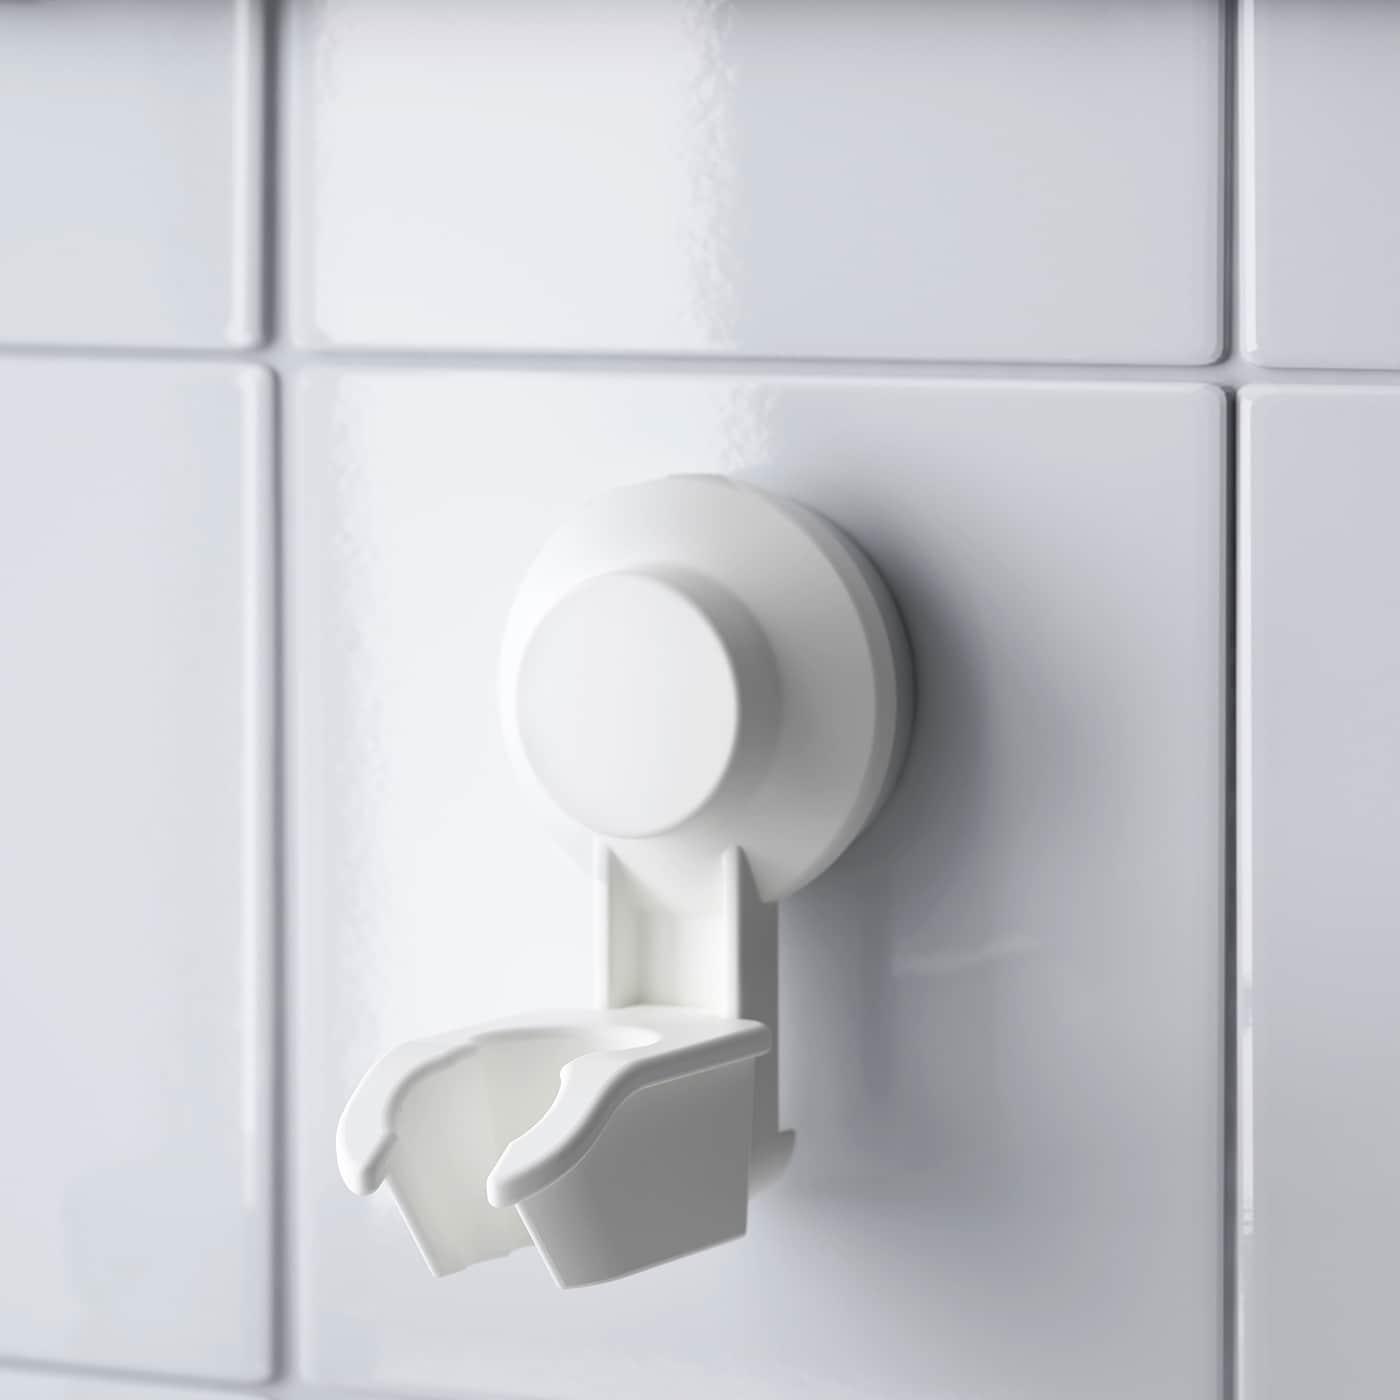 TISKEN držač za ručn mlaznicu tuš s vakuum bijela 6 cm 8 cm 10 cm 3 kg